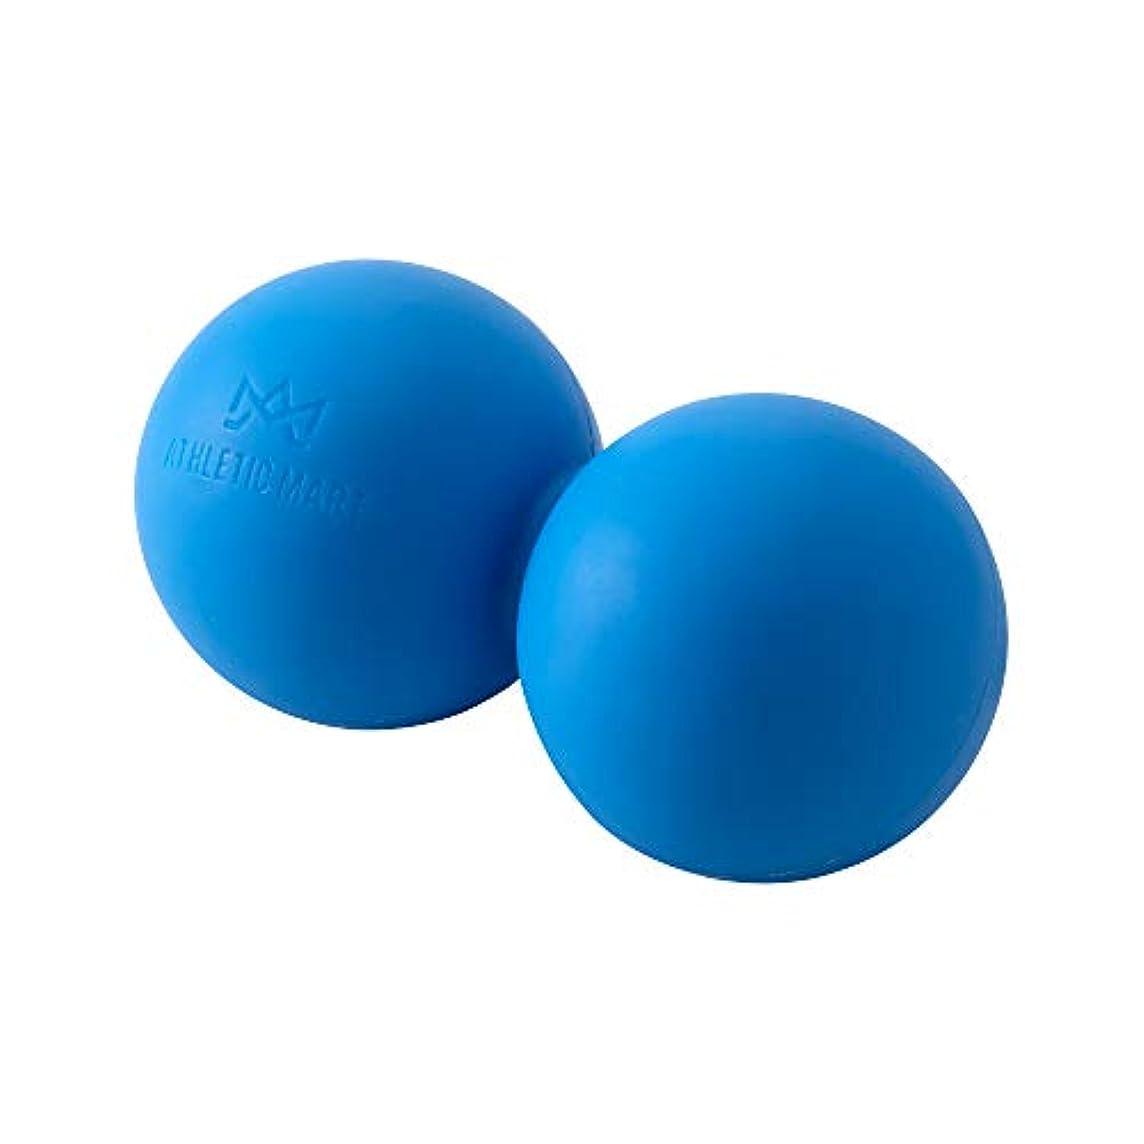 シフトメーターひいきにするATHLETIC MART ピーナッツ型ストレッチボール マッサージボール ラクロスボール2個サイズ ツボ押し (ブルー)